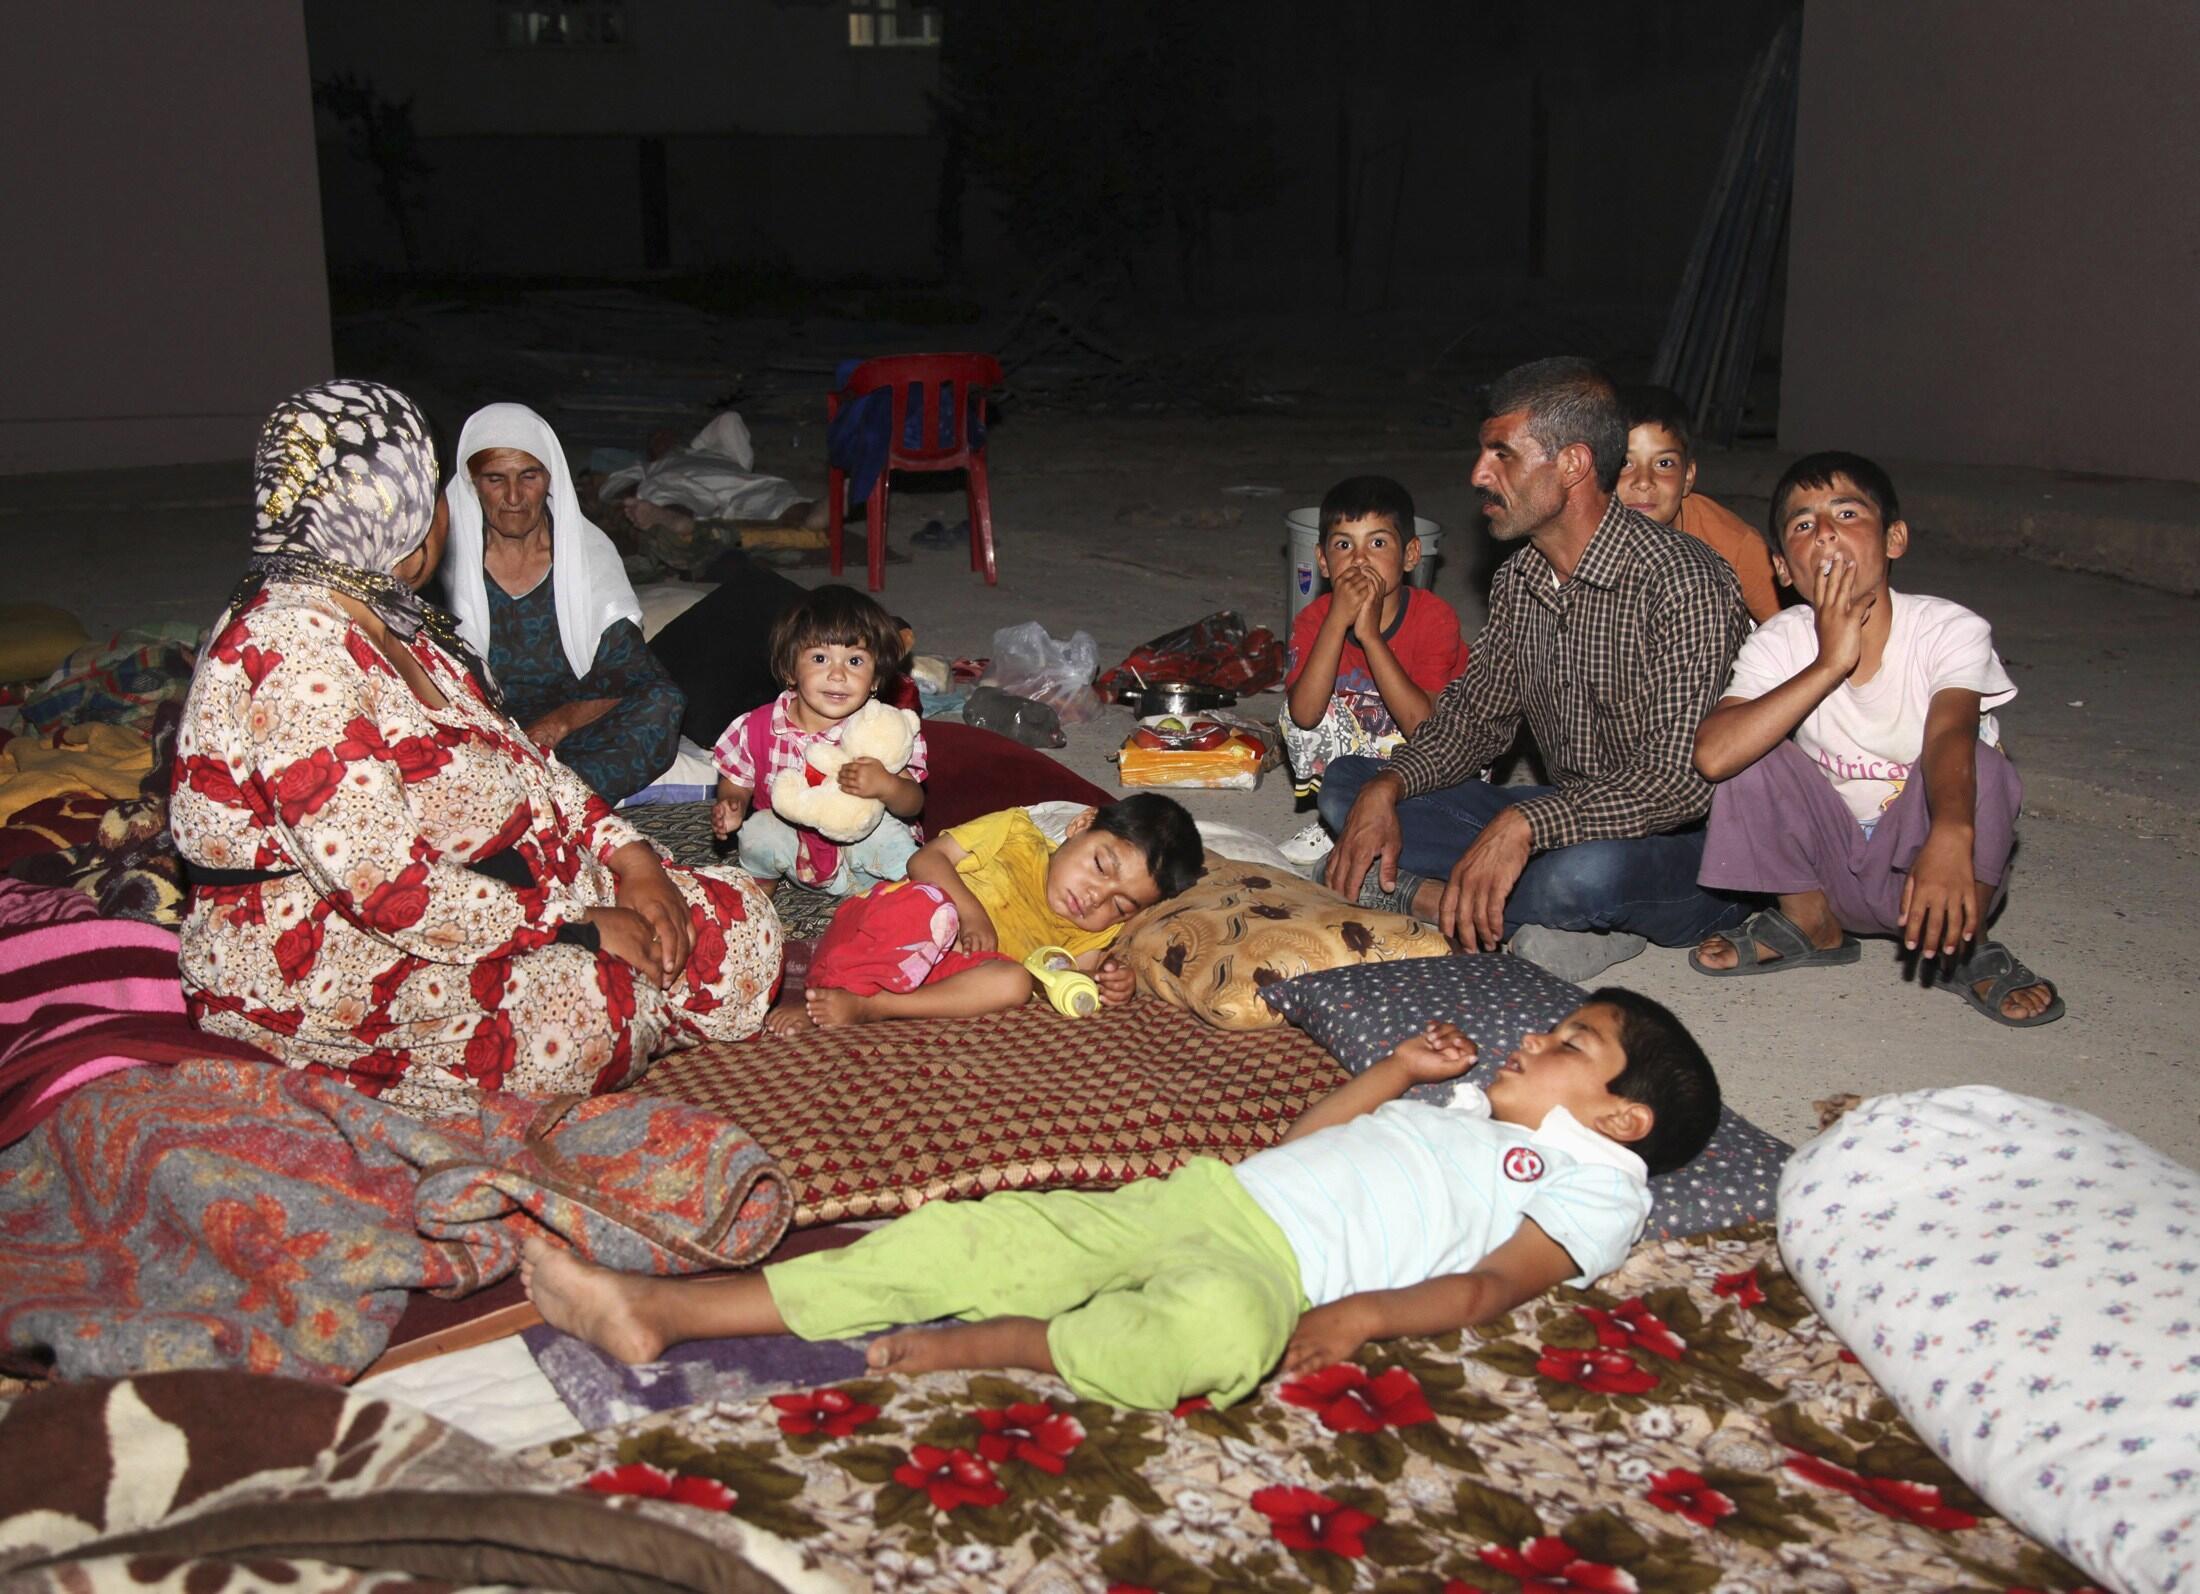 Иракские езиды, скрываясь от джихадистов, которые захватили город Синджар, нашли убежище в провинции Дохуе, 9 августа 2014 г.